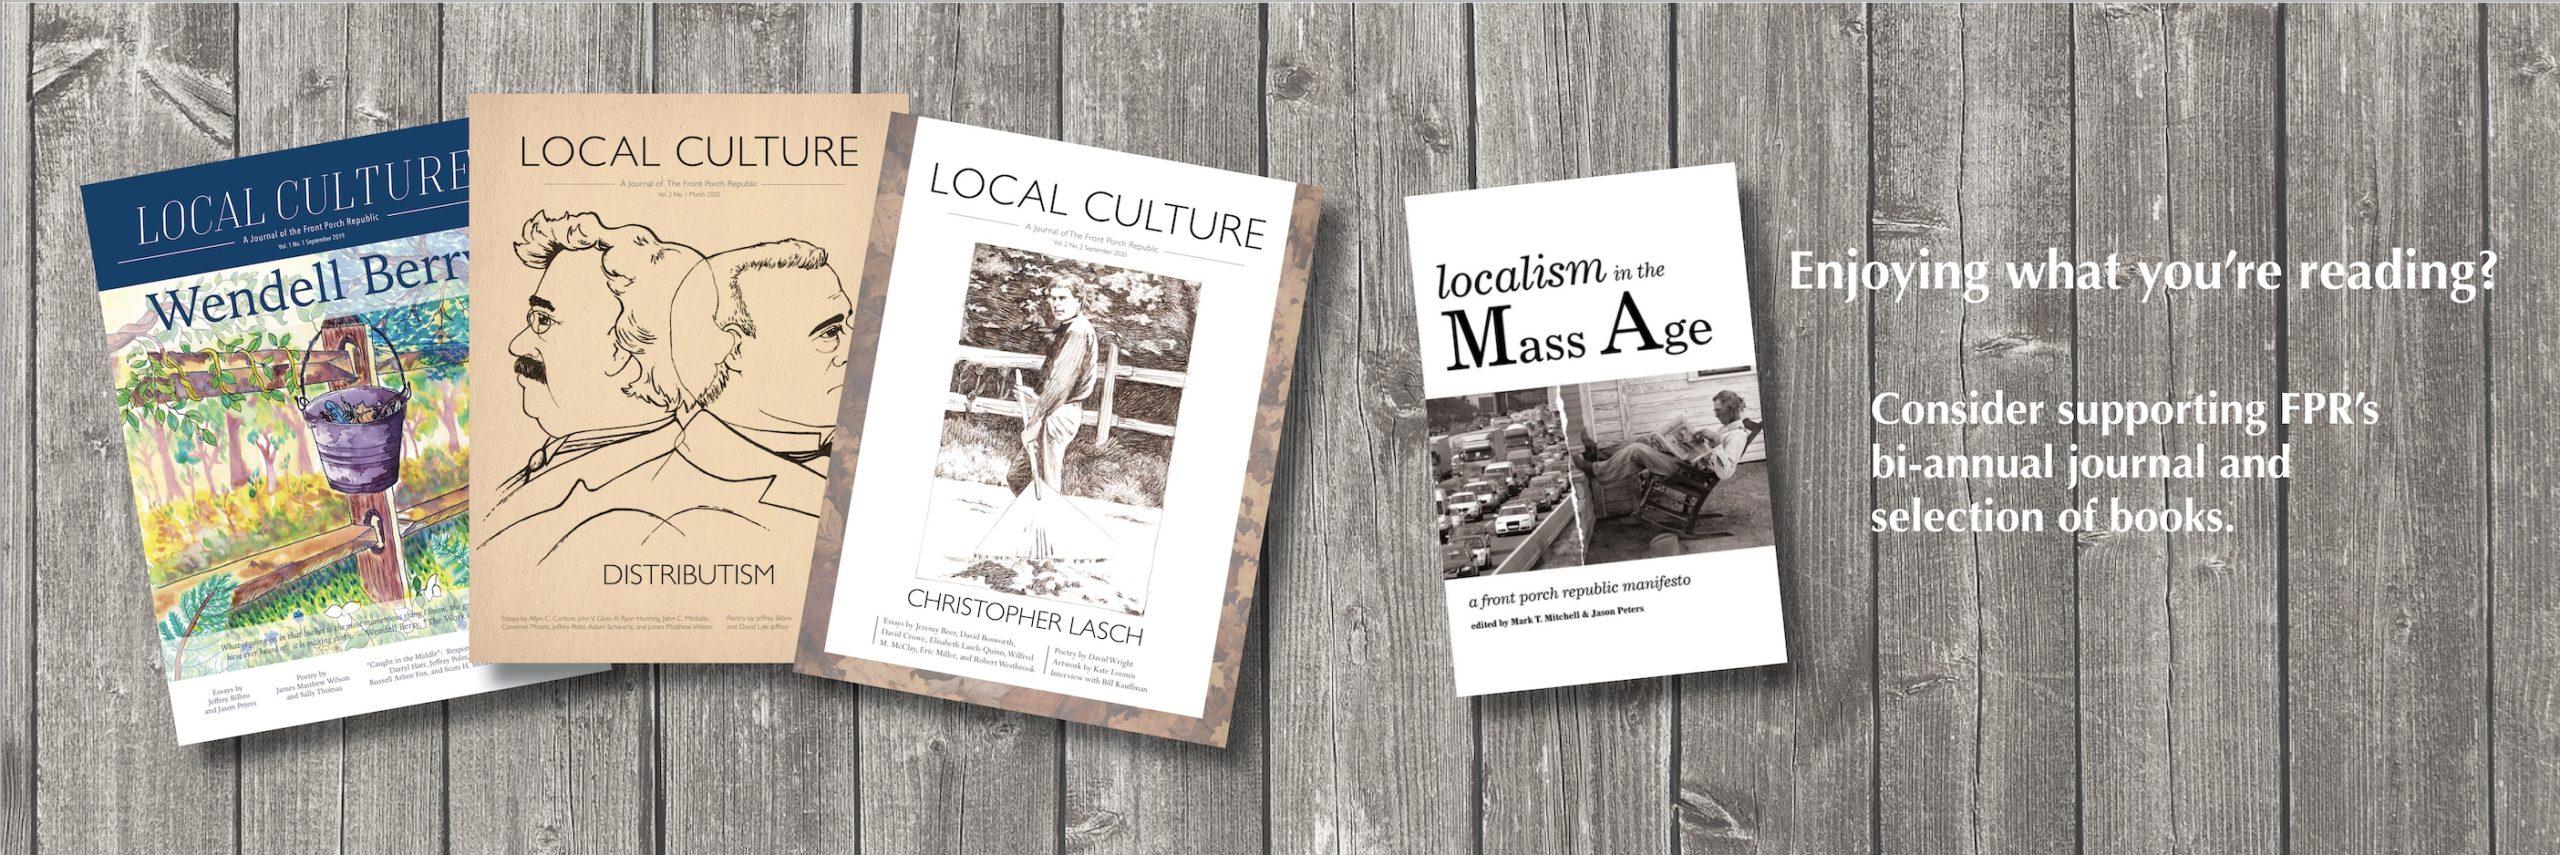 Local Culture